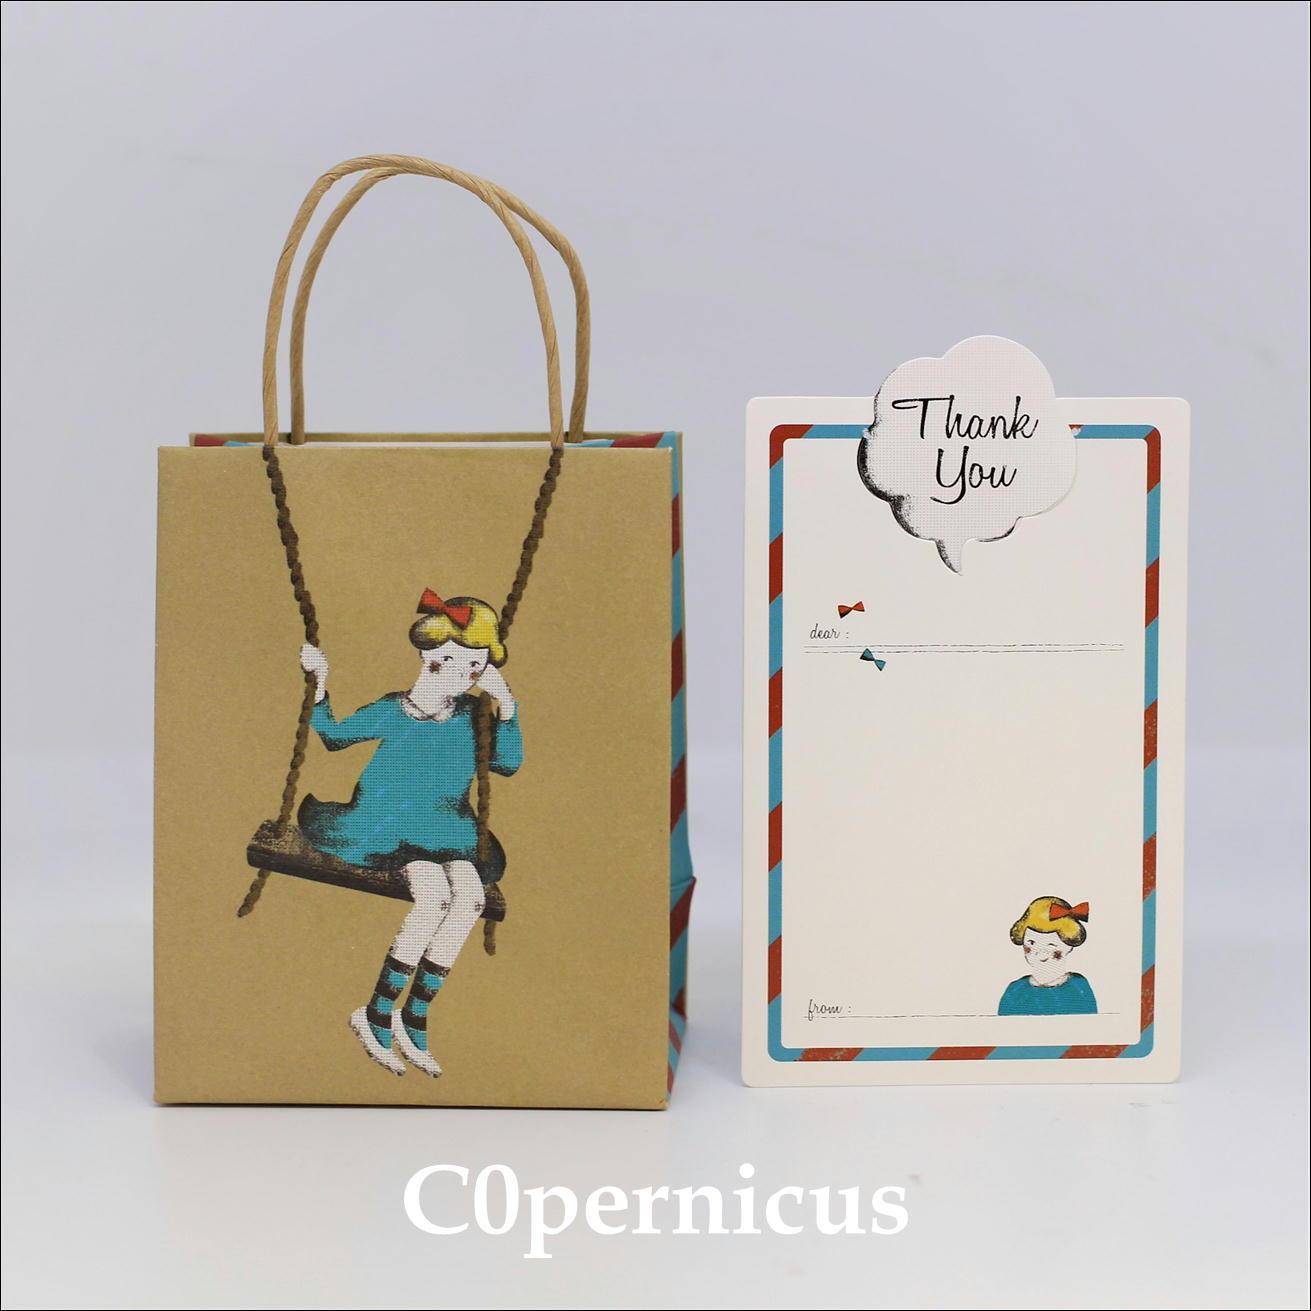 メッセージカード/紙袋/ギフト袋 web限定価格(女の子ブランコ)浜松雑貨屋 C0pernicus  便箋・紙袋レターセット